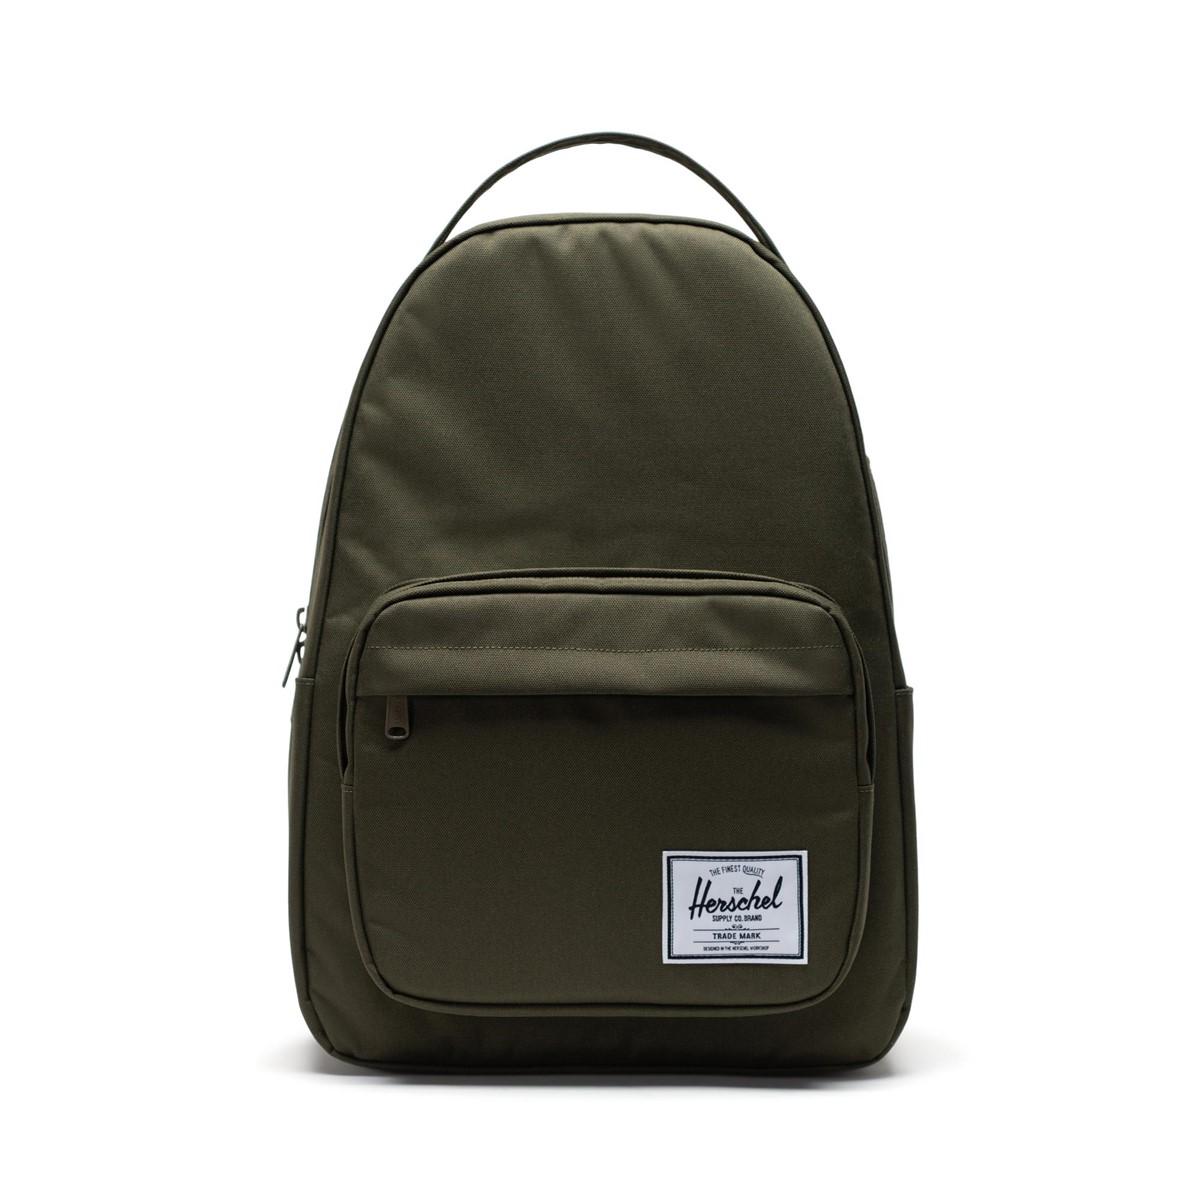 Miller Backpack in Ivy Green